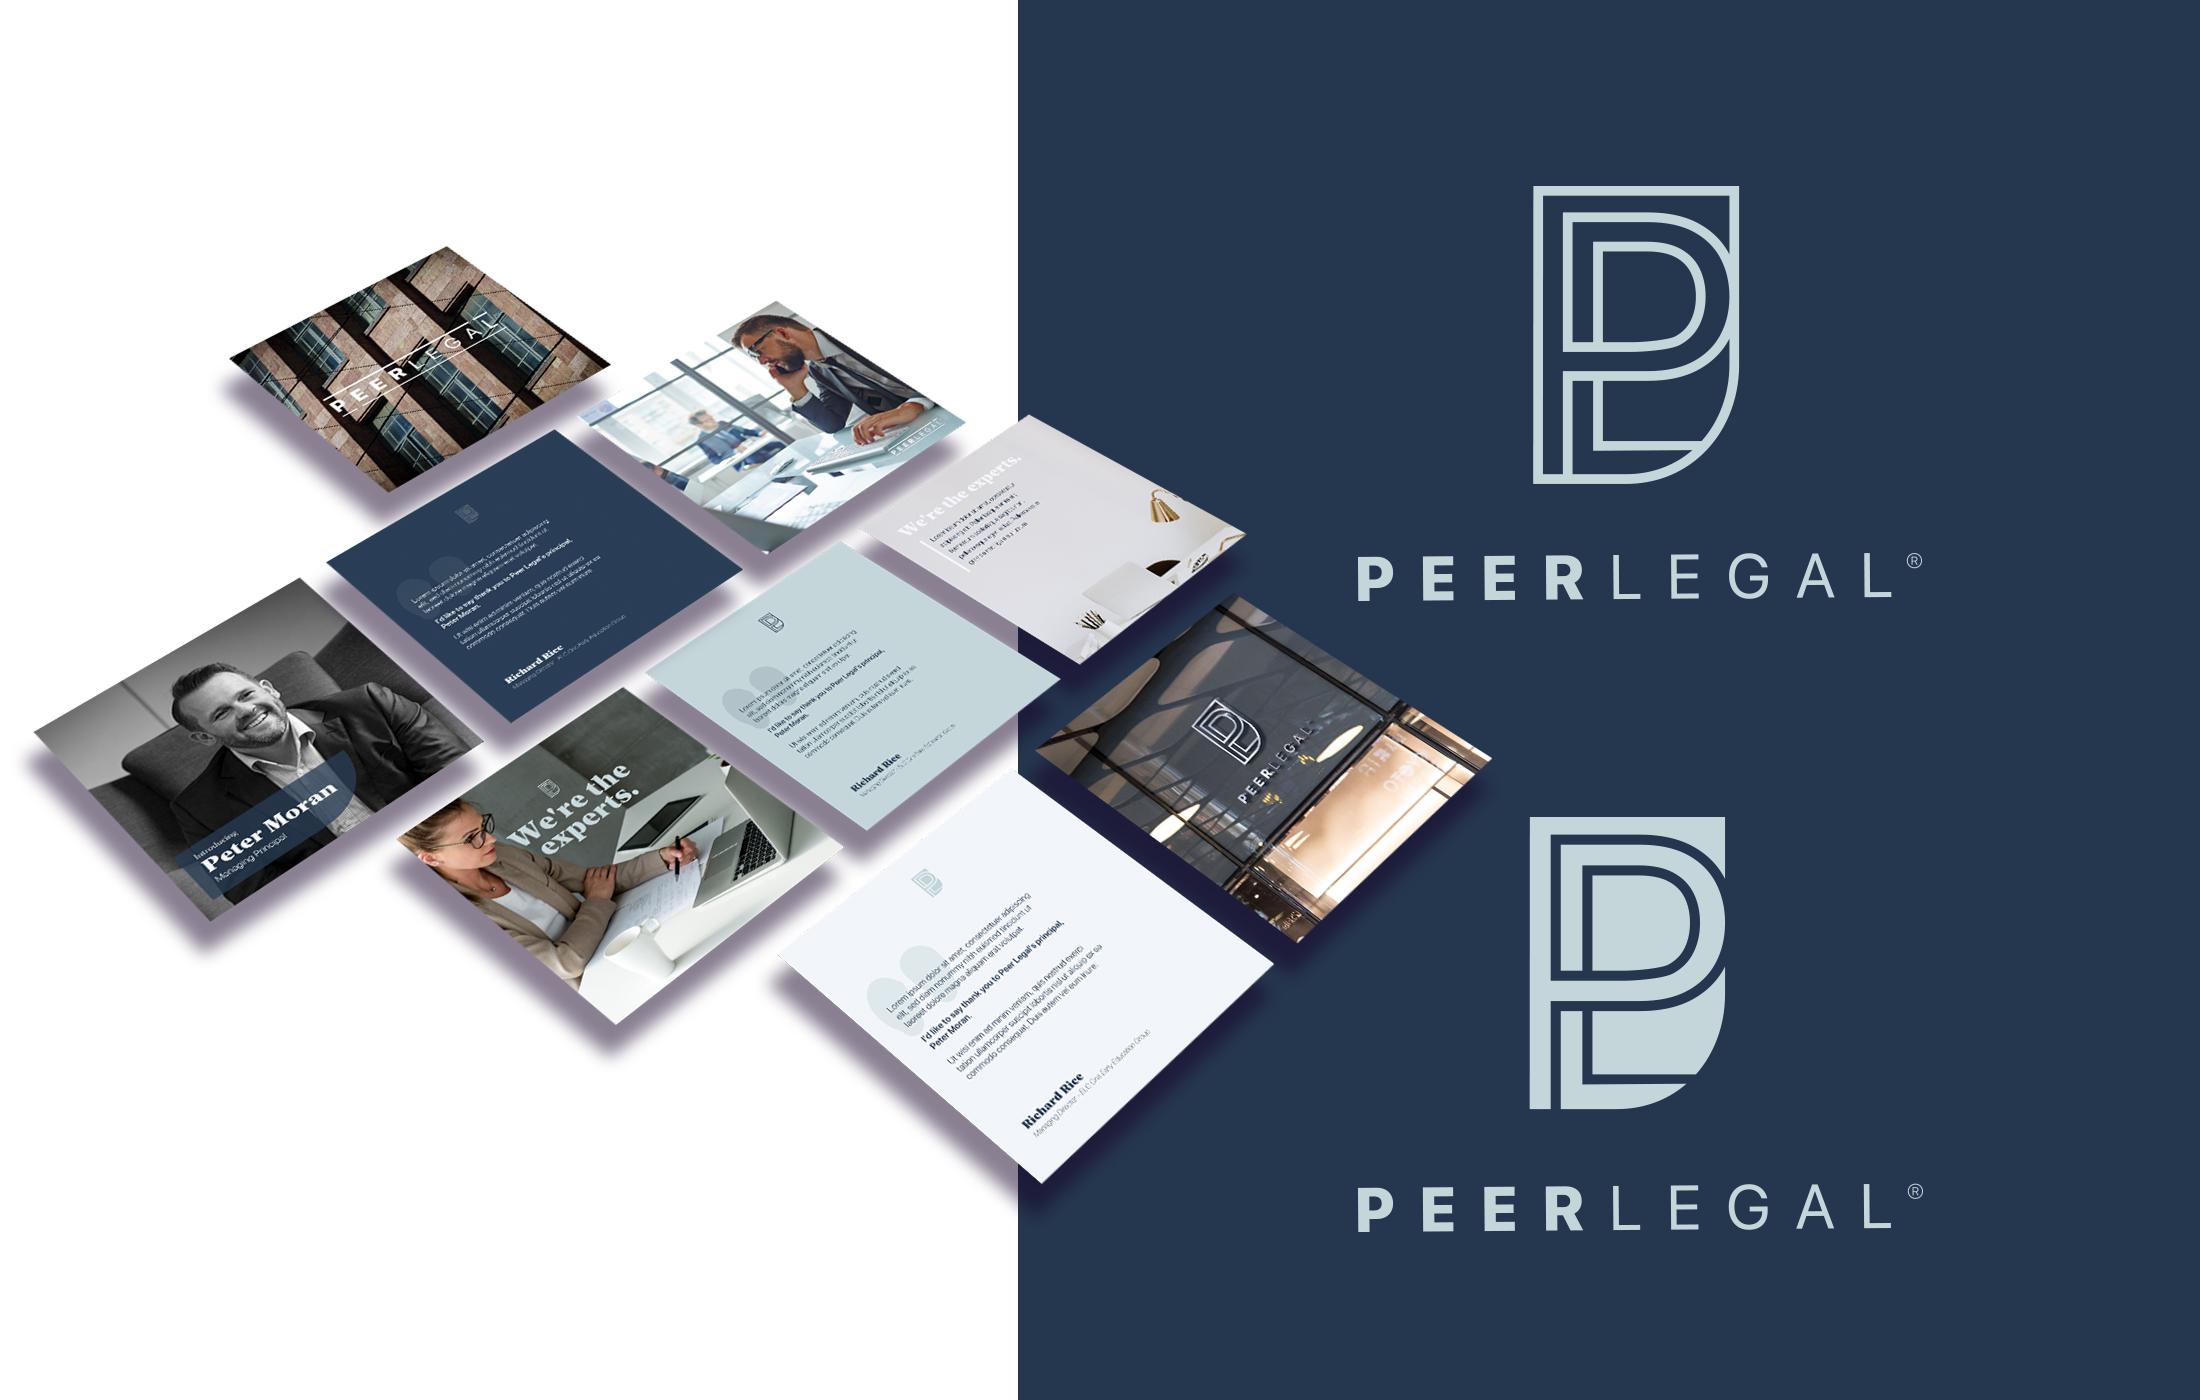 Peer Legal Branding